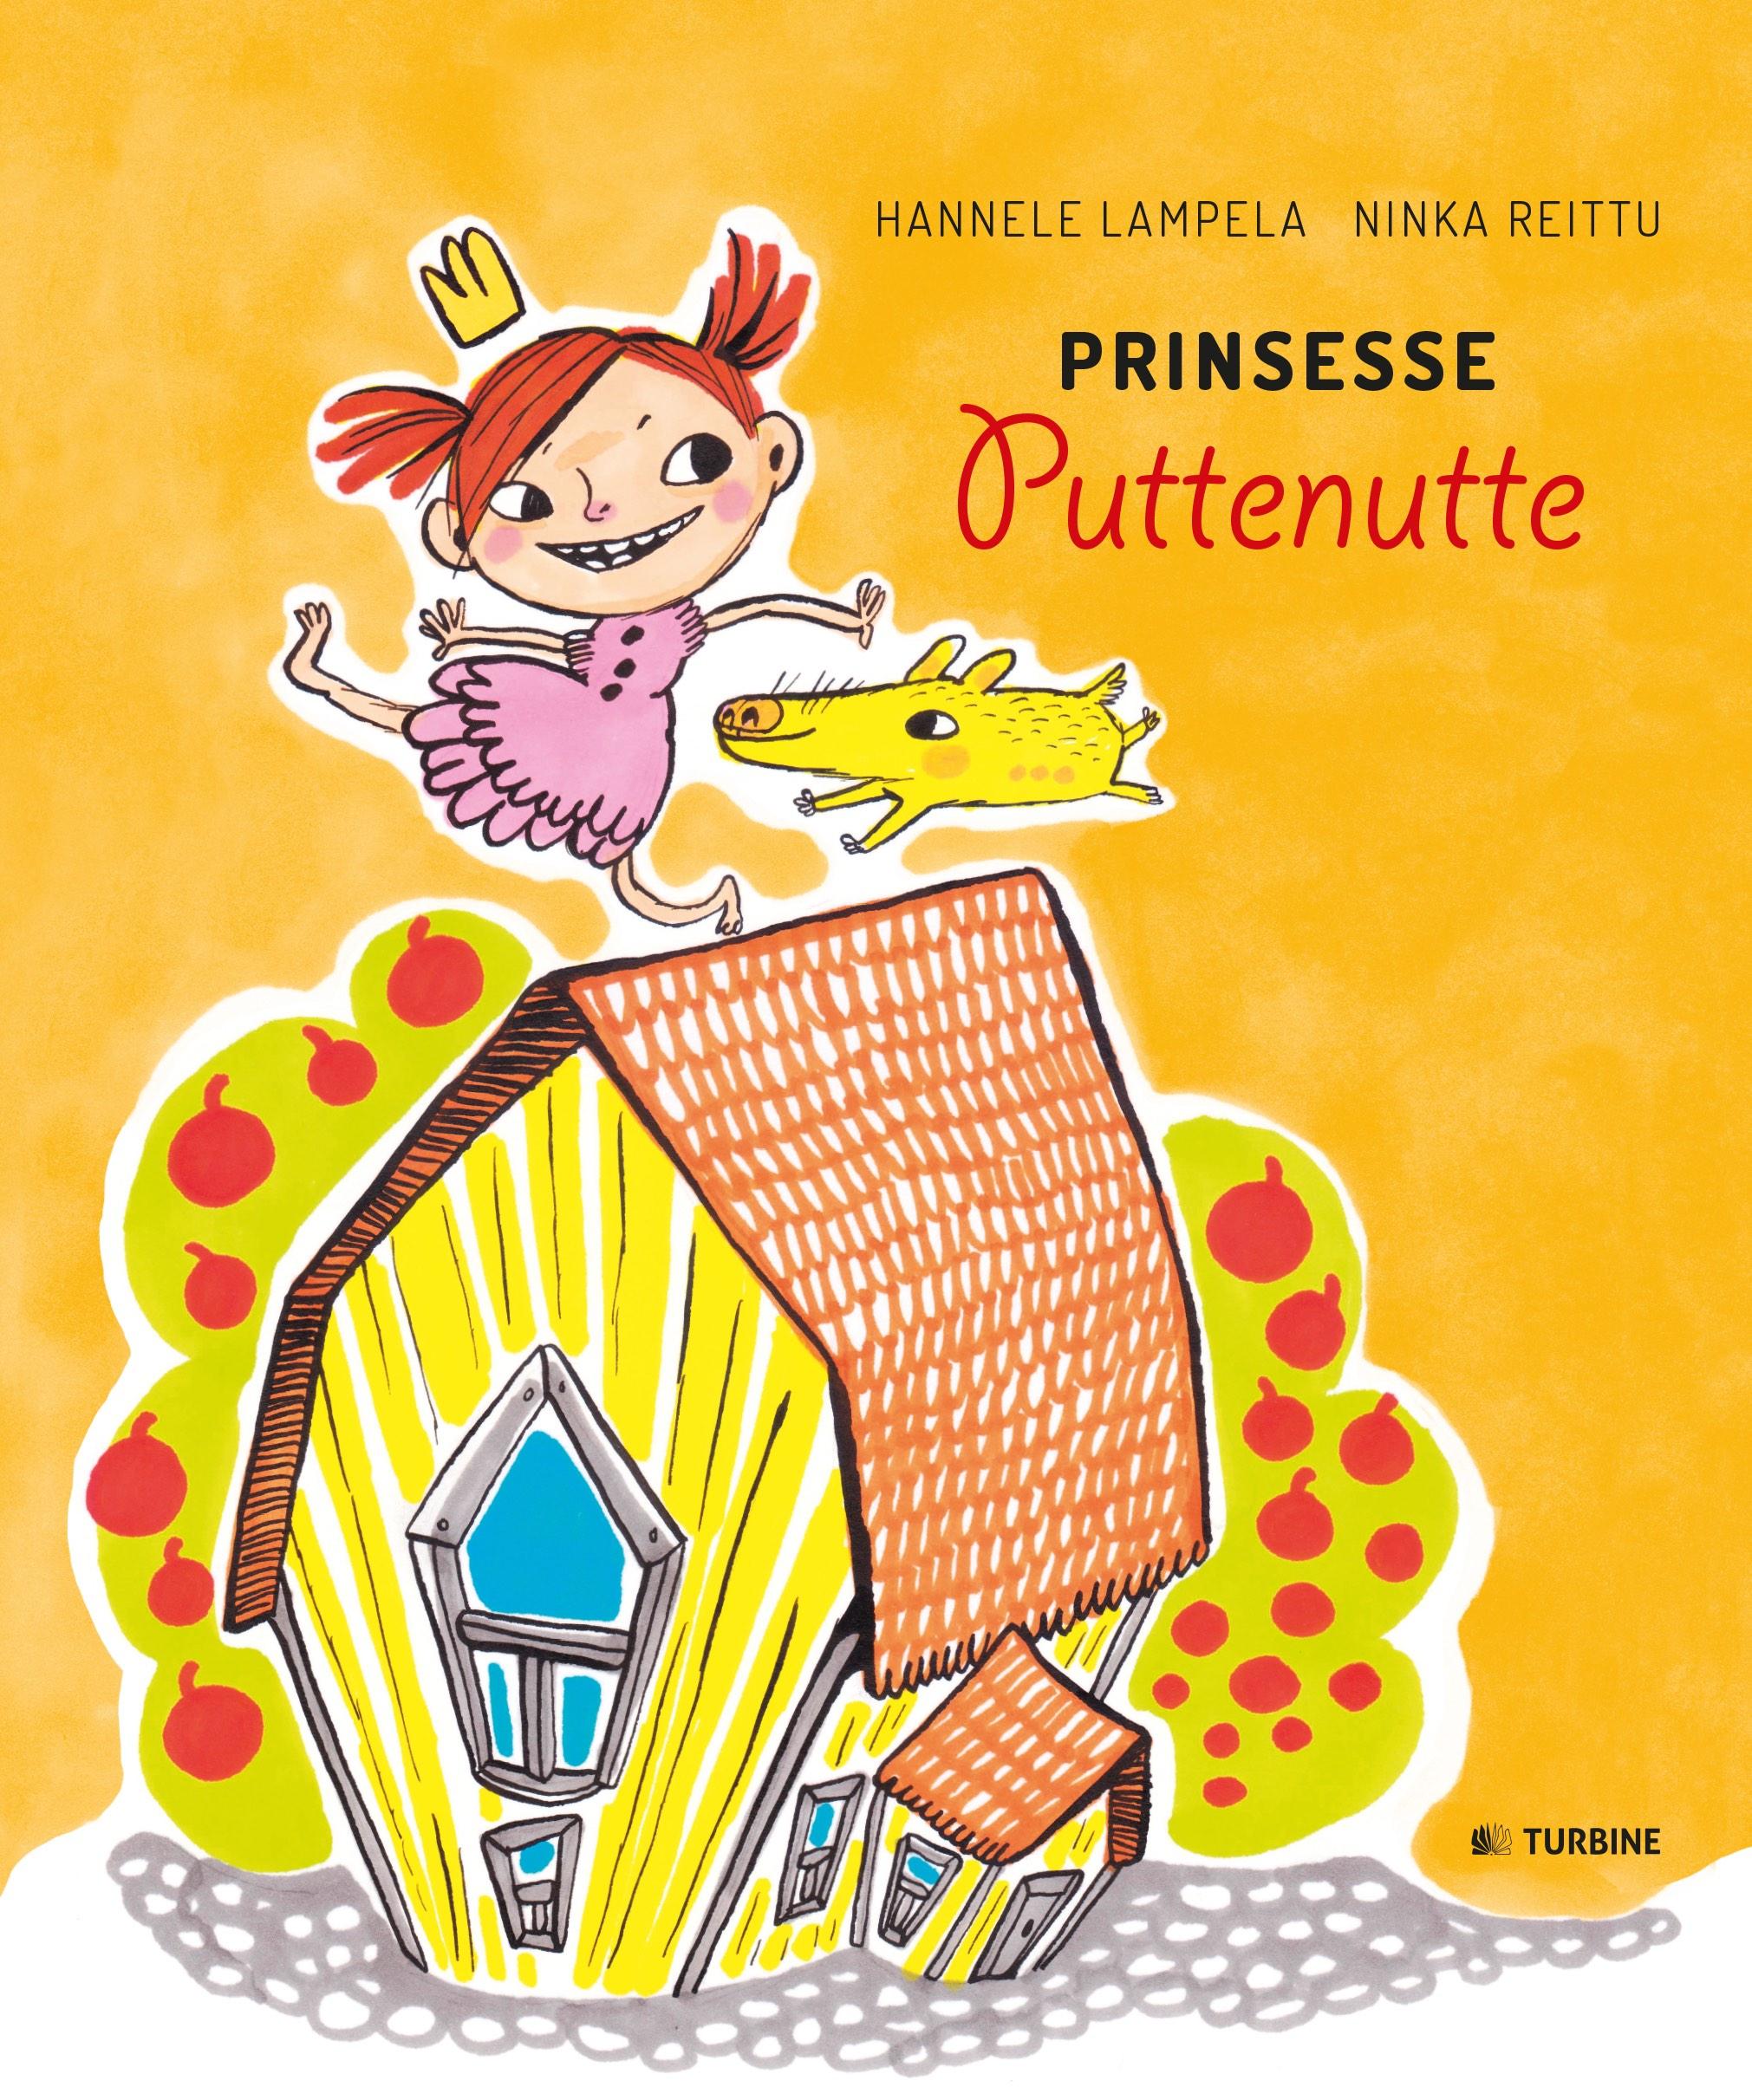 Prinsesse Puttenutte